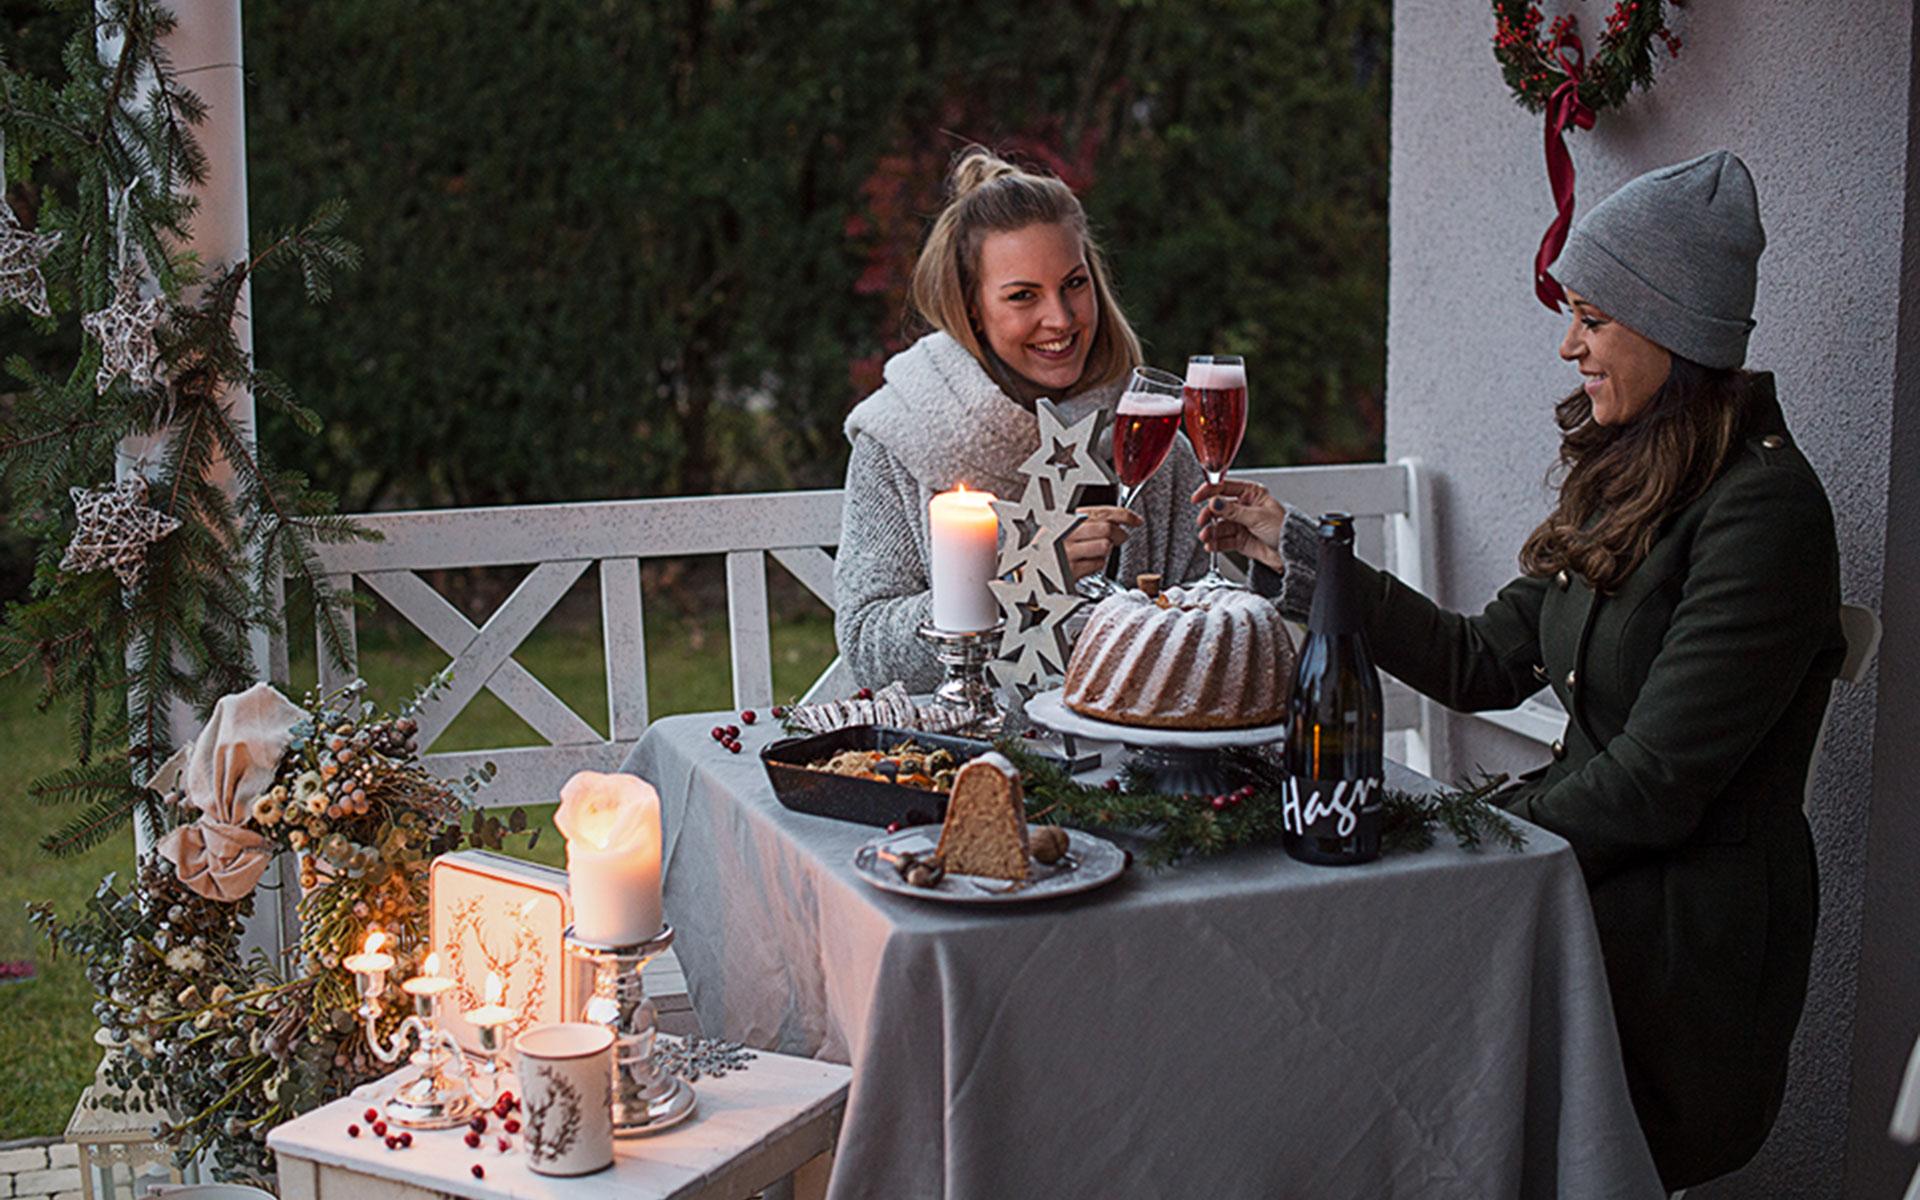 Ein gemütlicher Abend draußen im Advent